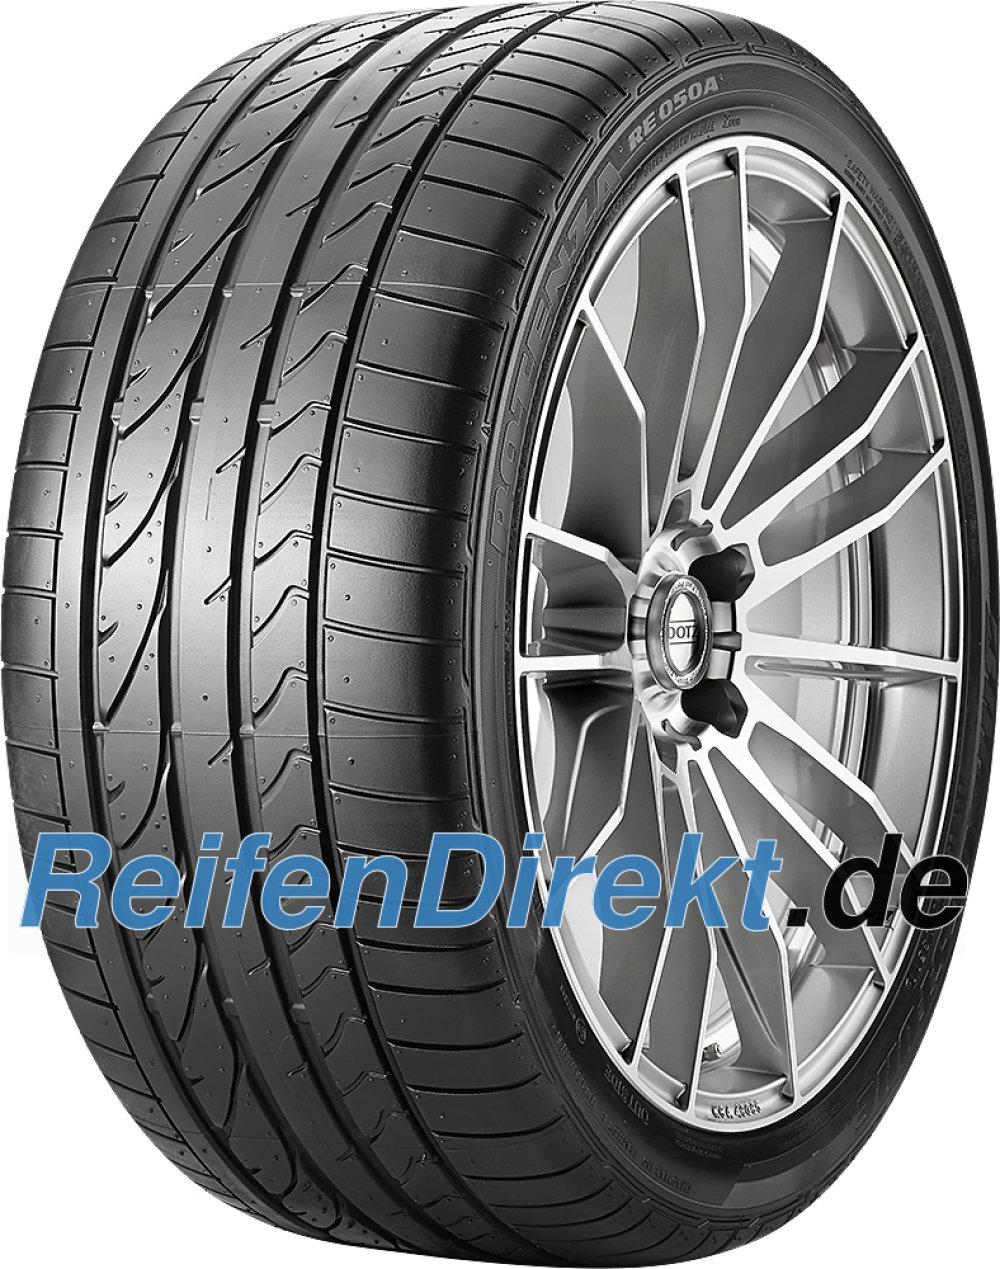 Bridgestone Potenza RE 050 A RFT ( 205/50 R17 89W *, Reduzierter Rollwiderstand, mit Felgenschutz (MFS), runflat )